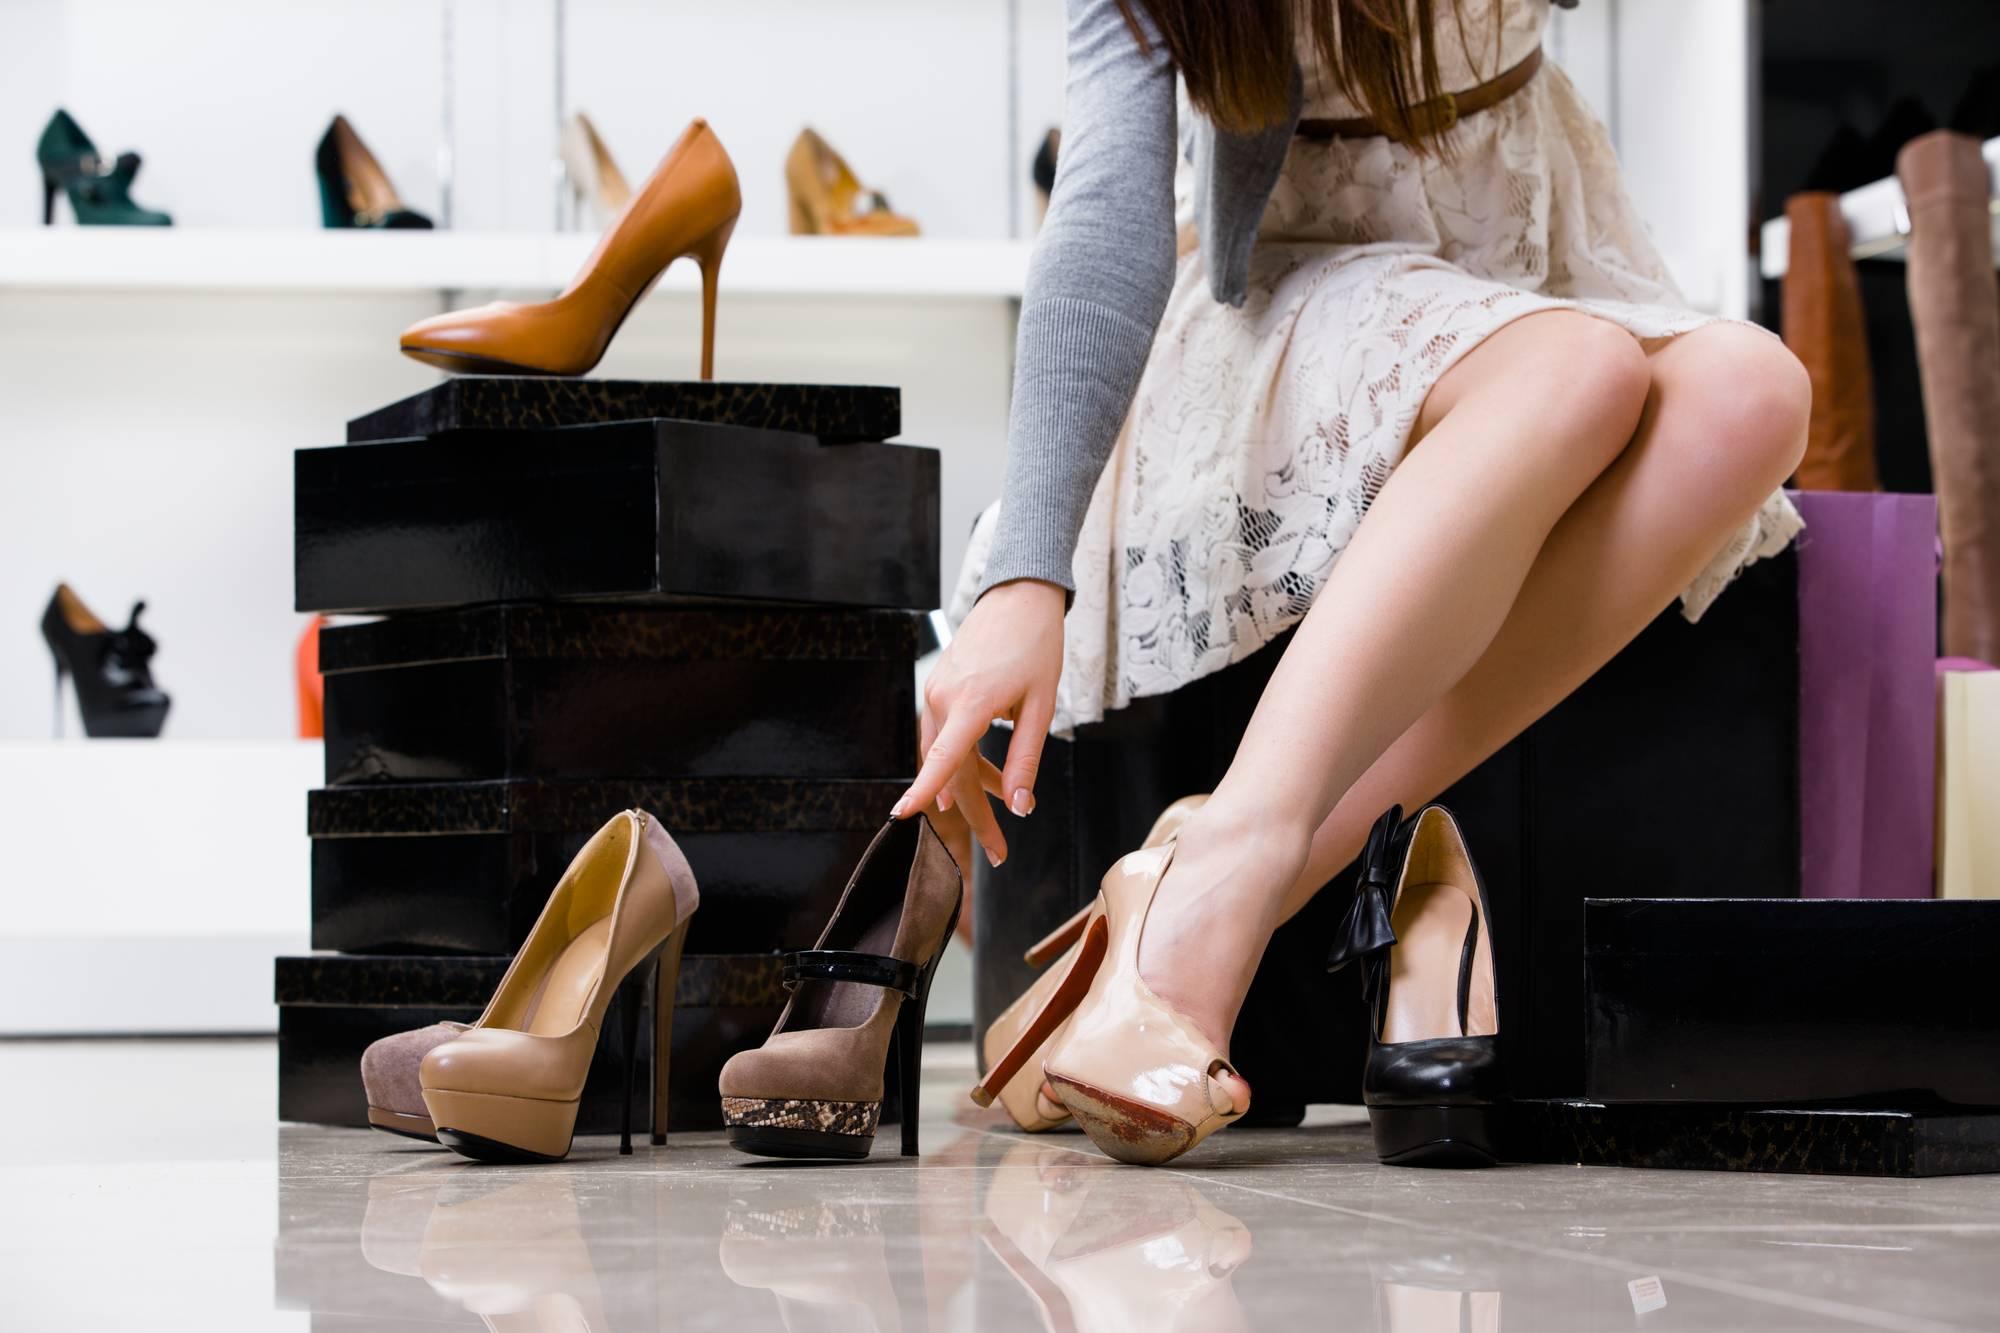 Damen Schuhe Übergröße – online aussuchen und liefern lassen bei schuhplus